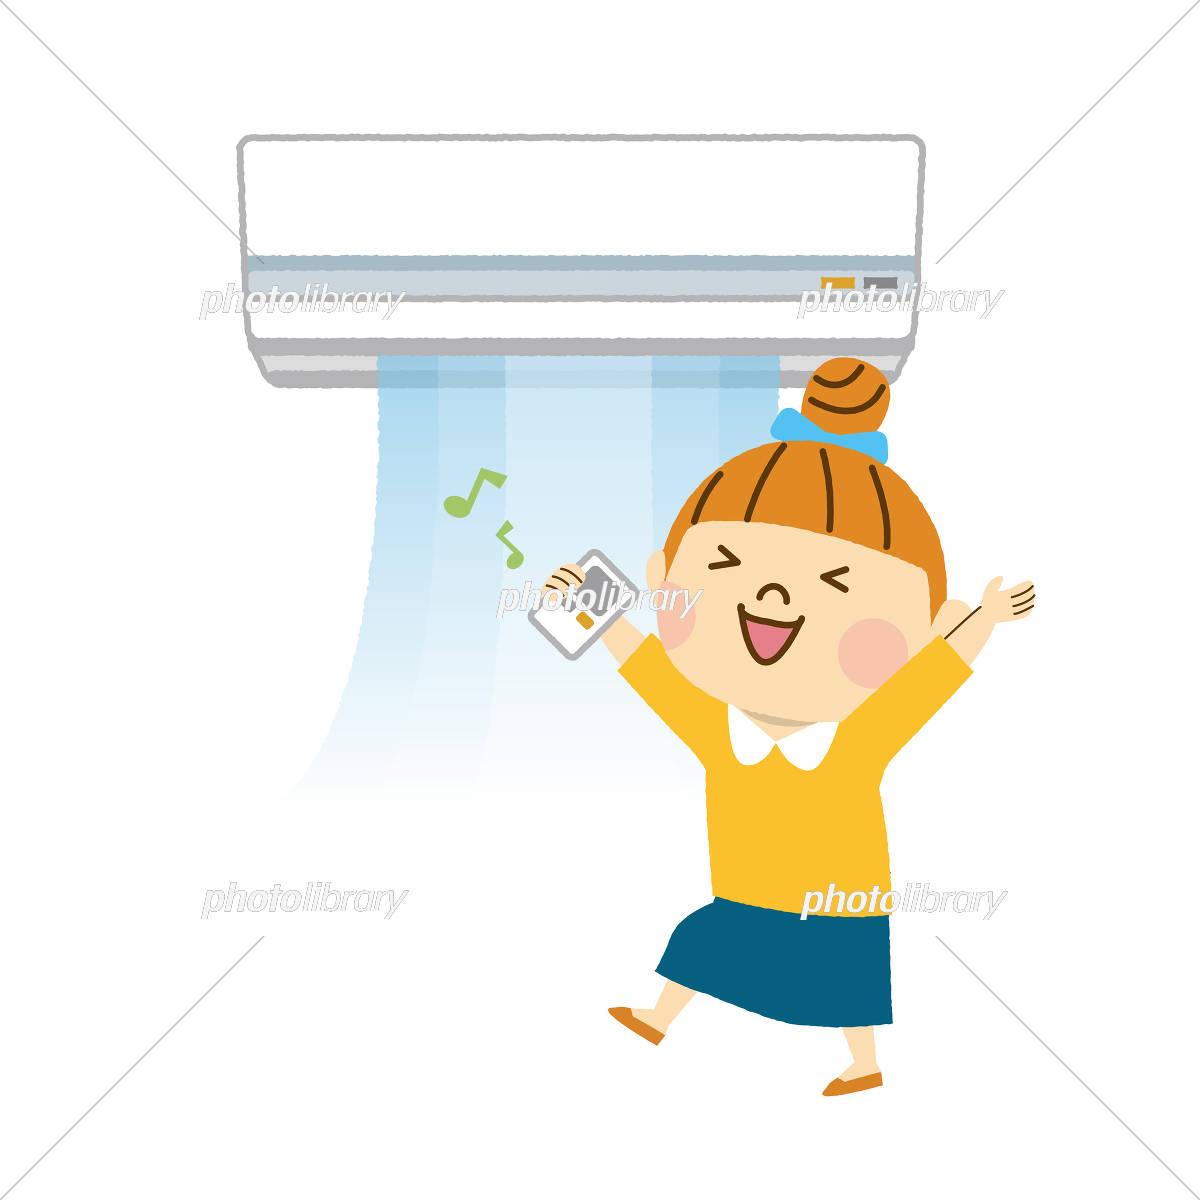 エアコンをつける女性 イラスト素材 [ 5923706 ] - フォトライブラリー ...